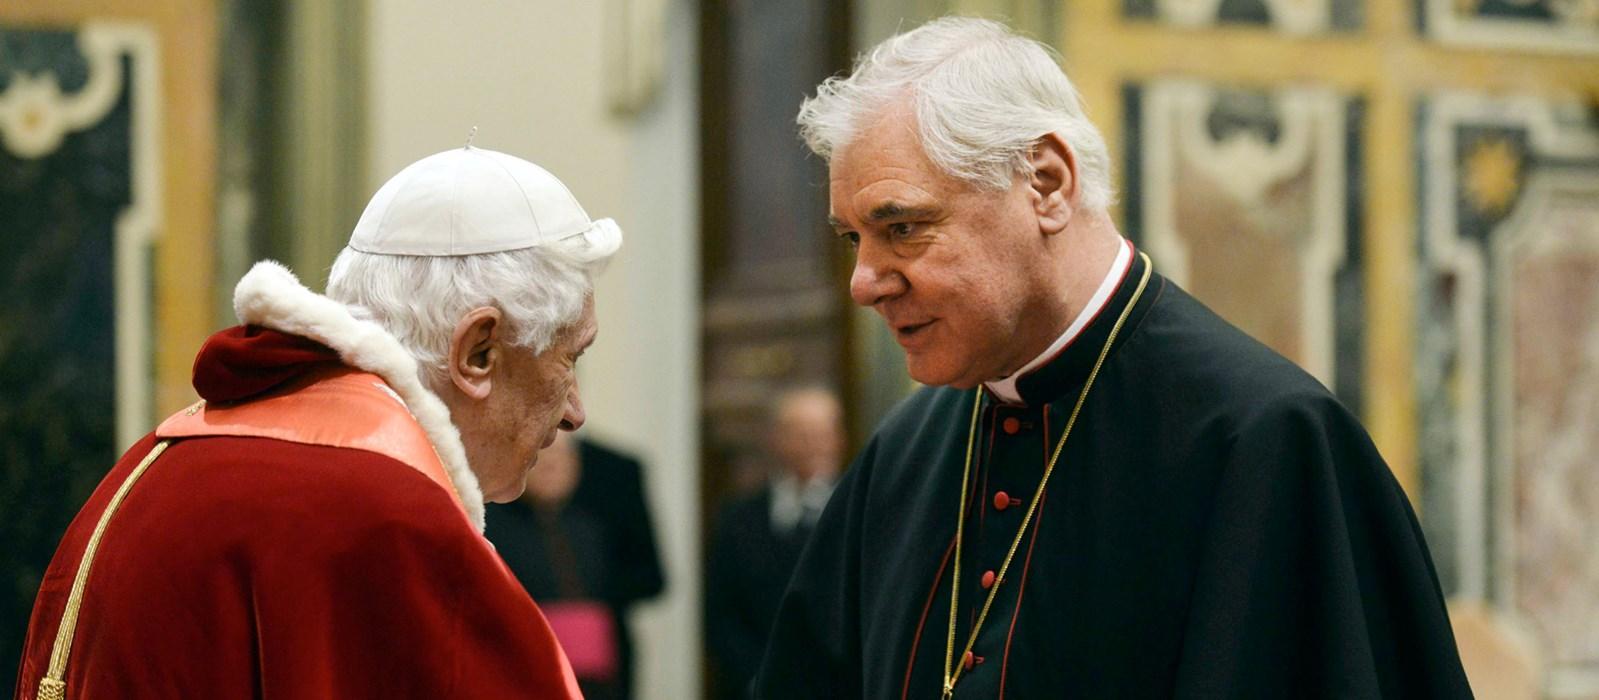 Бенедикт XVI – кард. Мюллеру: «Ты защищал ясные традиции веры, но в духе Папы Франциска старался понять, как применить их к сегодняшнему дню»